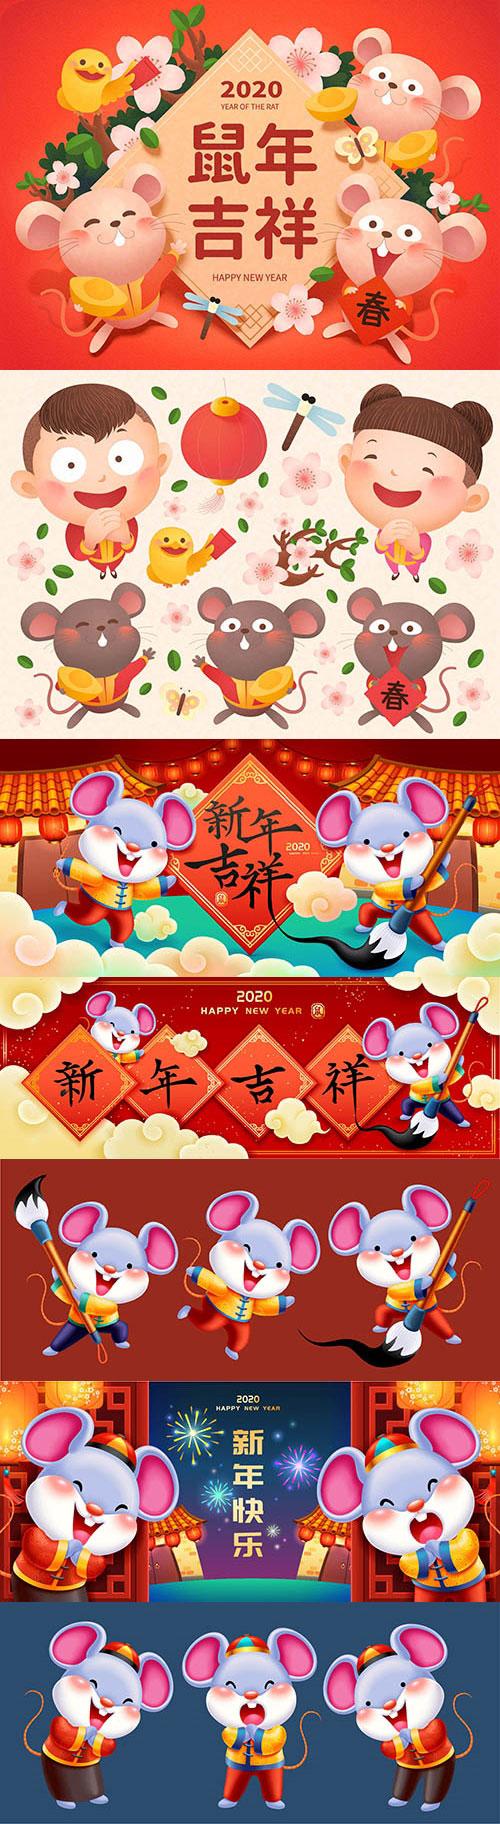 卡通吉祥小鼠